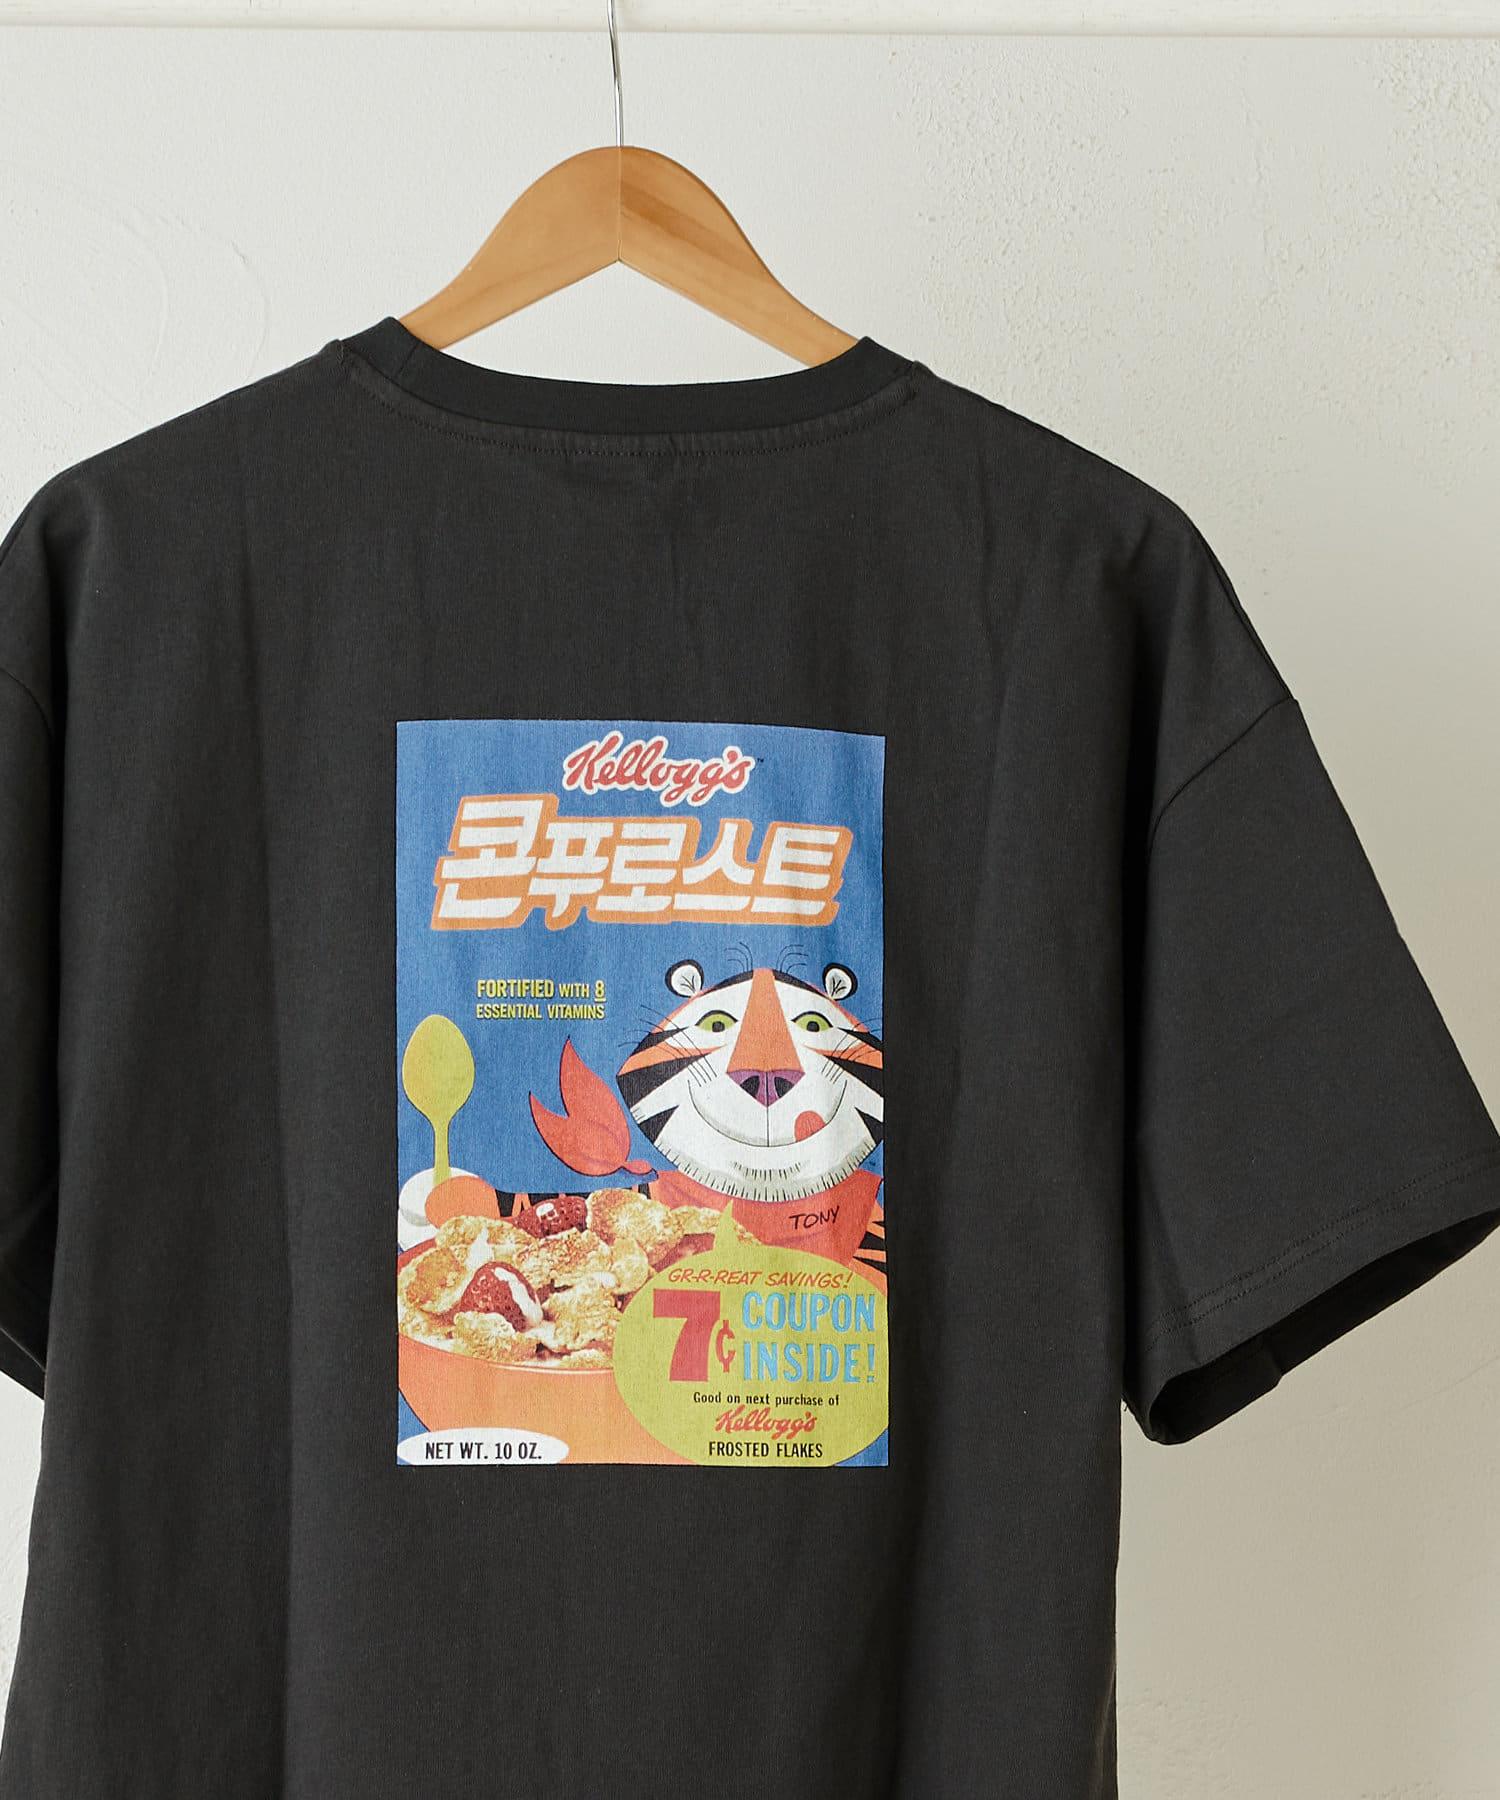 Daily russet(デイリー ラシット) 【Kelloggs】 ケロッグ ボックスオーバーTシャツ